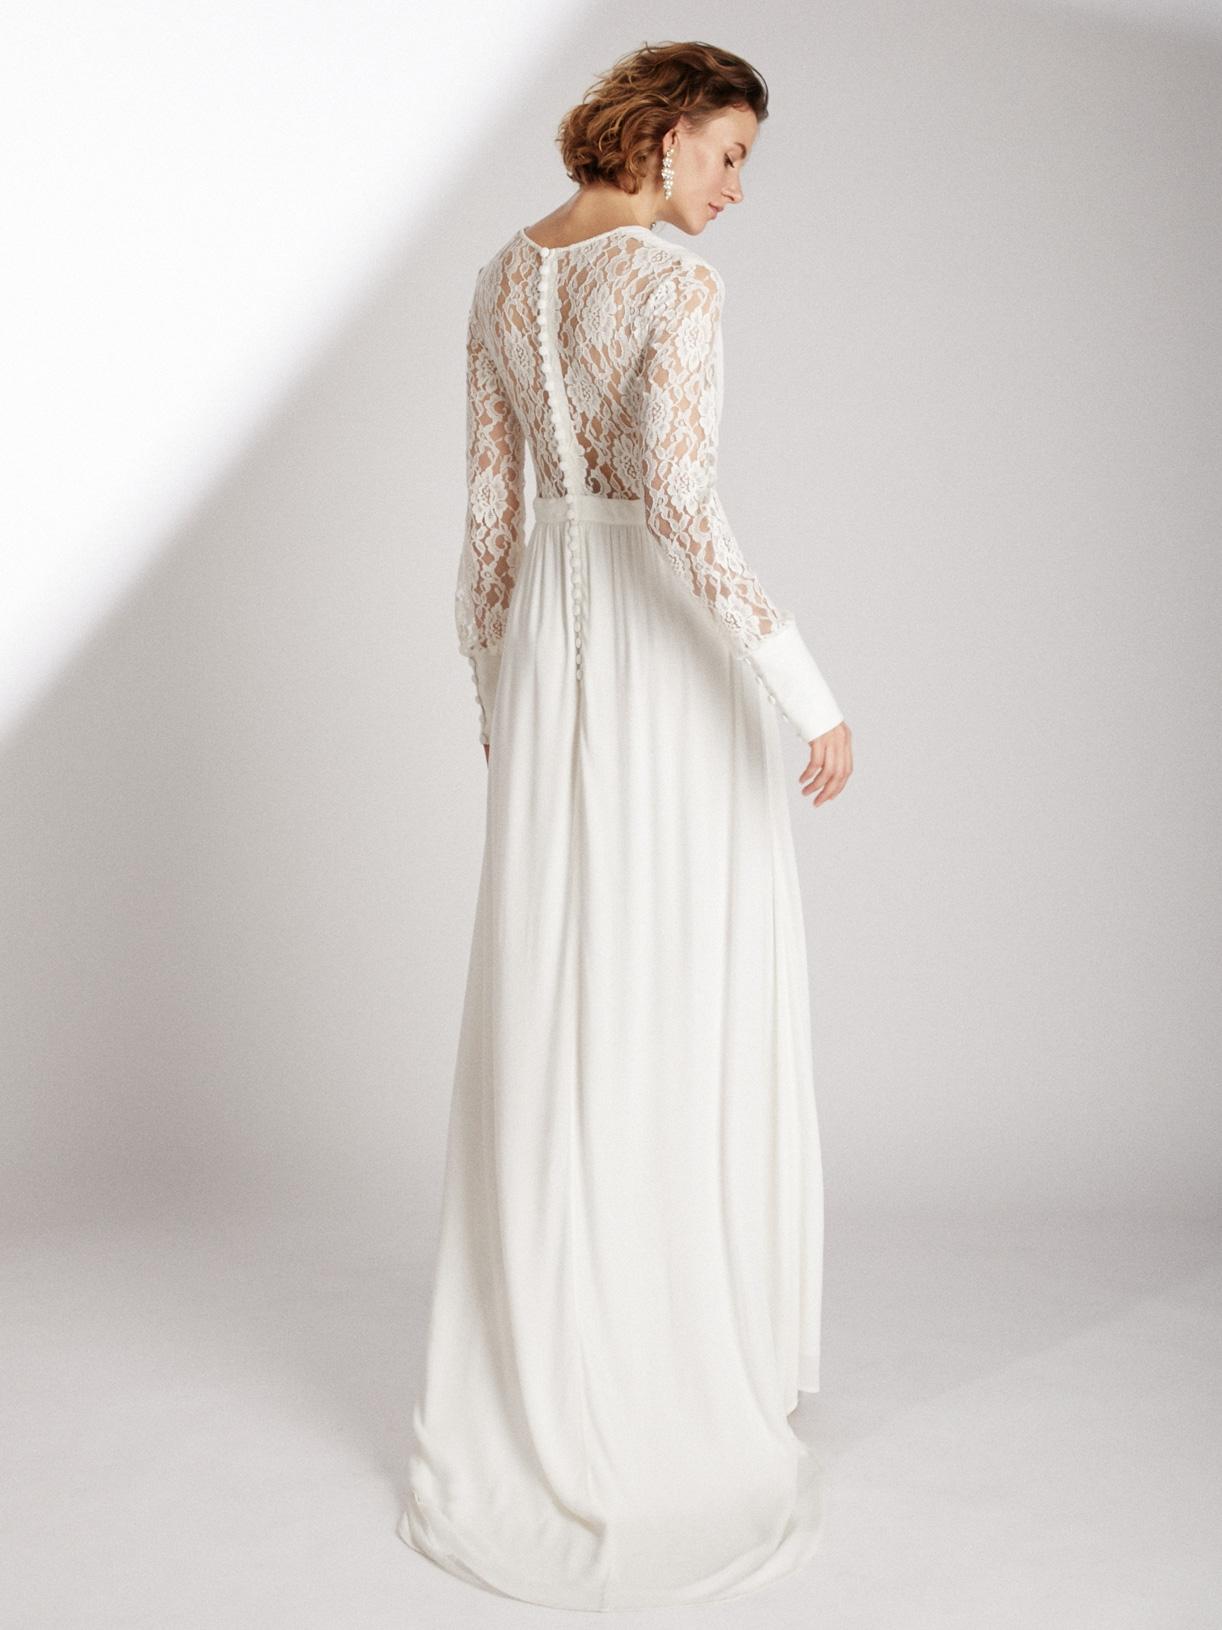 Robe de mariée longue fendue en dentelle écoresponsable - Creatrice de robe de mariée éthique et bio a Paris - Myphilosophy